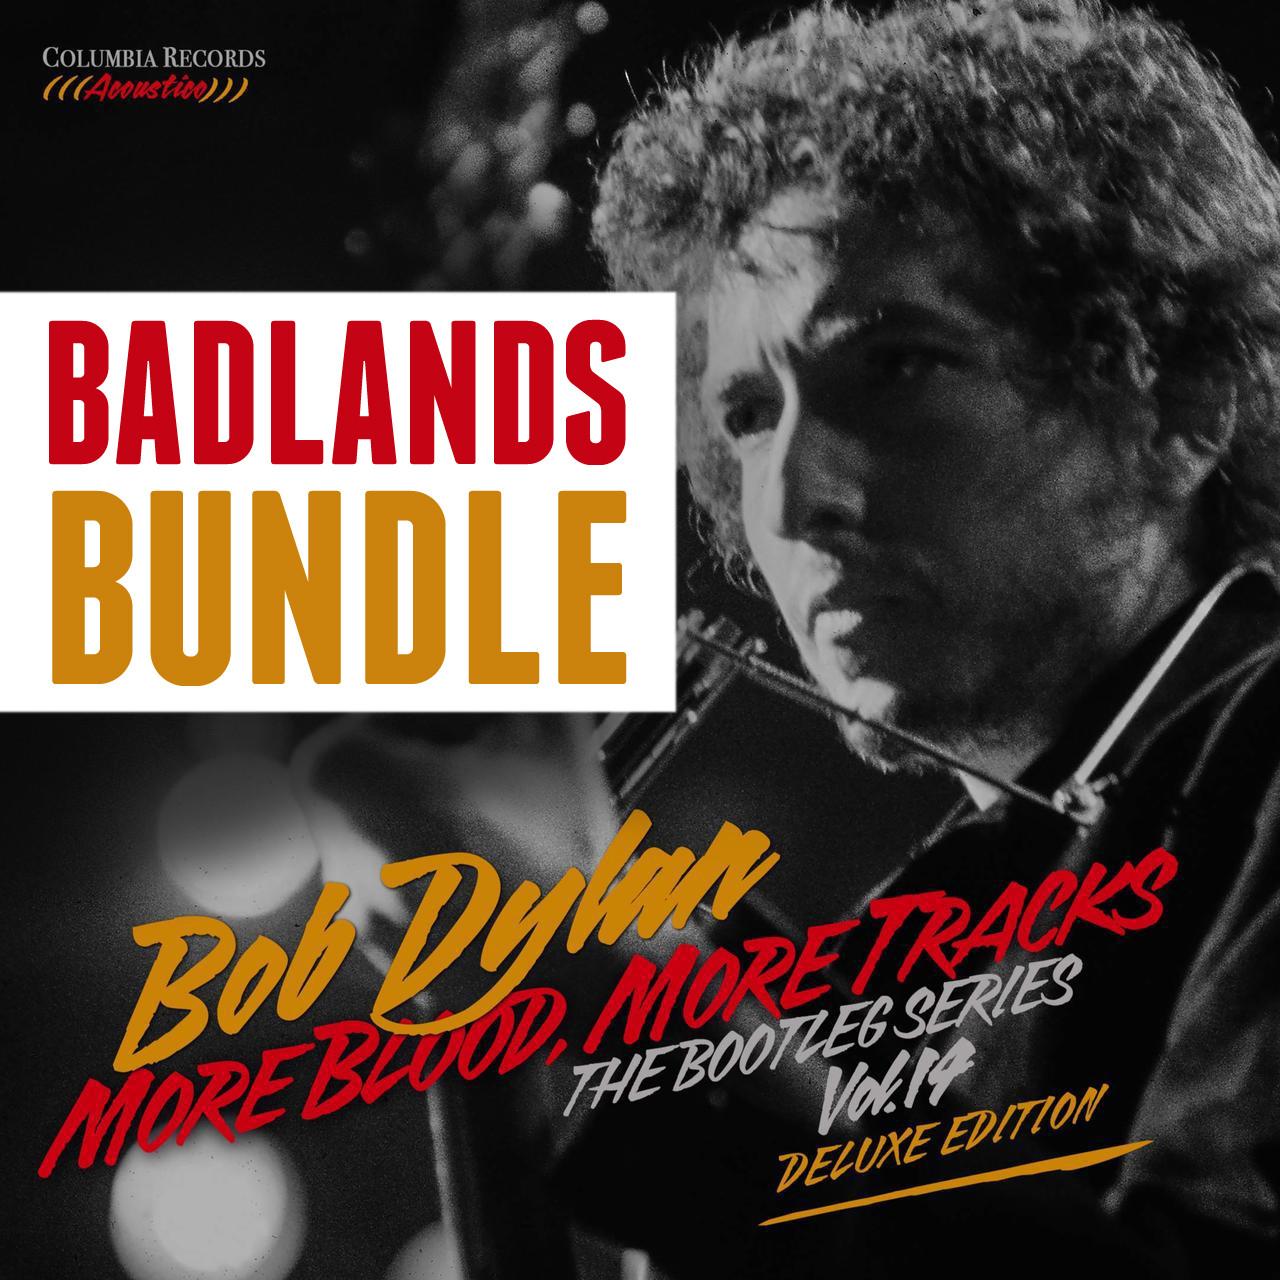 Bob Dylan Bundle More Blood More Tracks Bs Vol 14 6